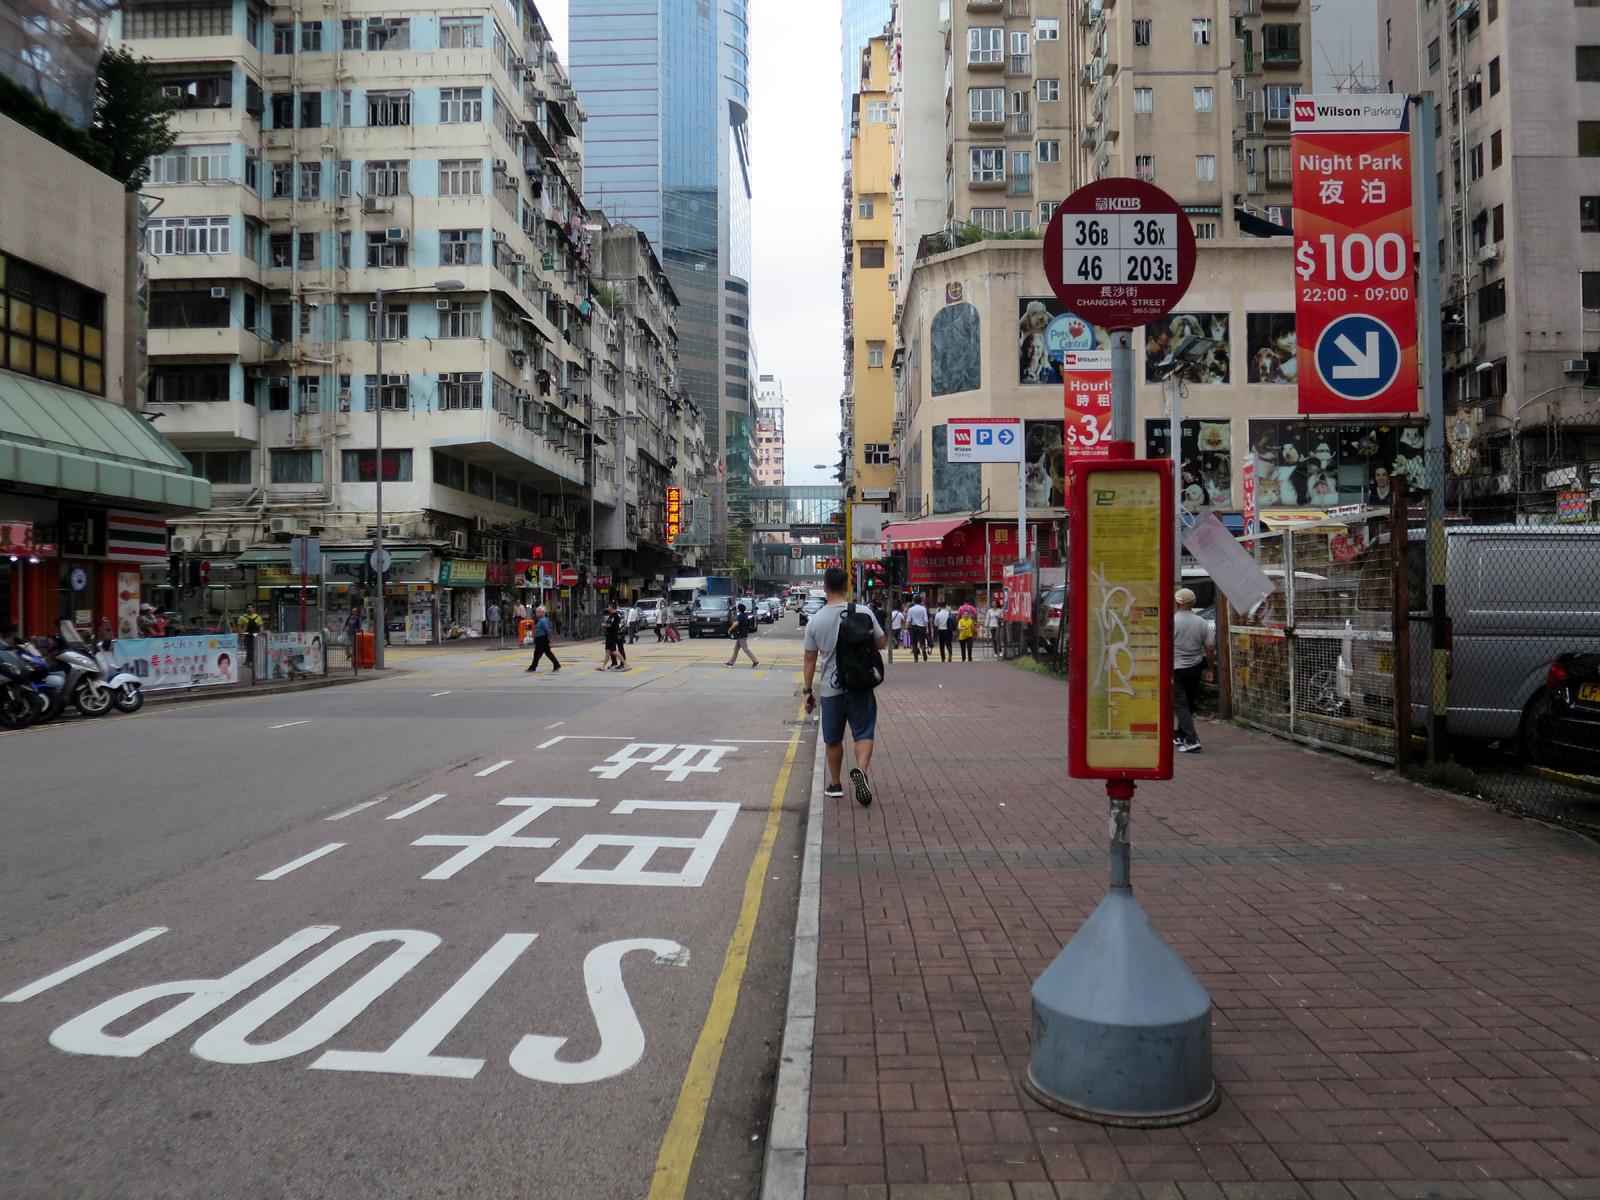 長沙街 (上海街)